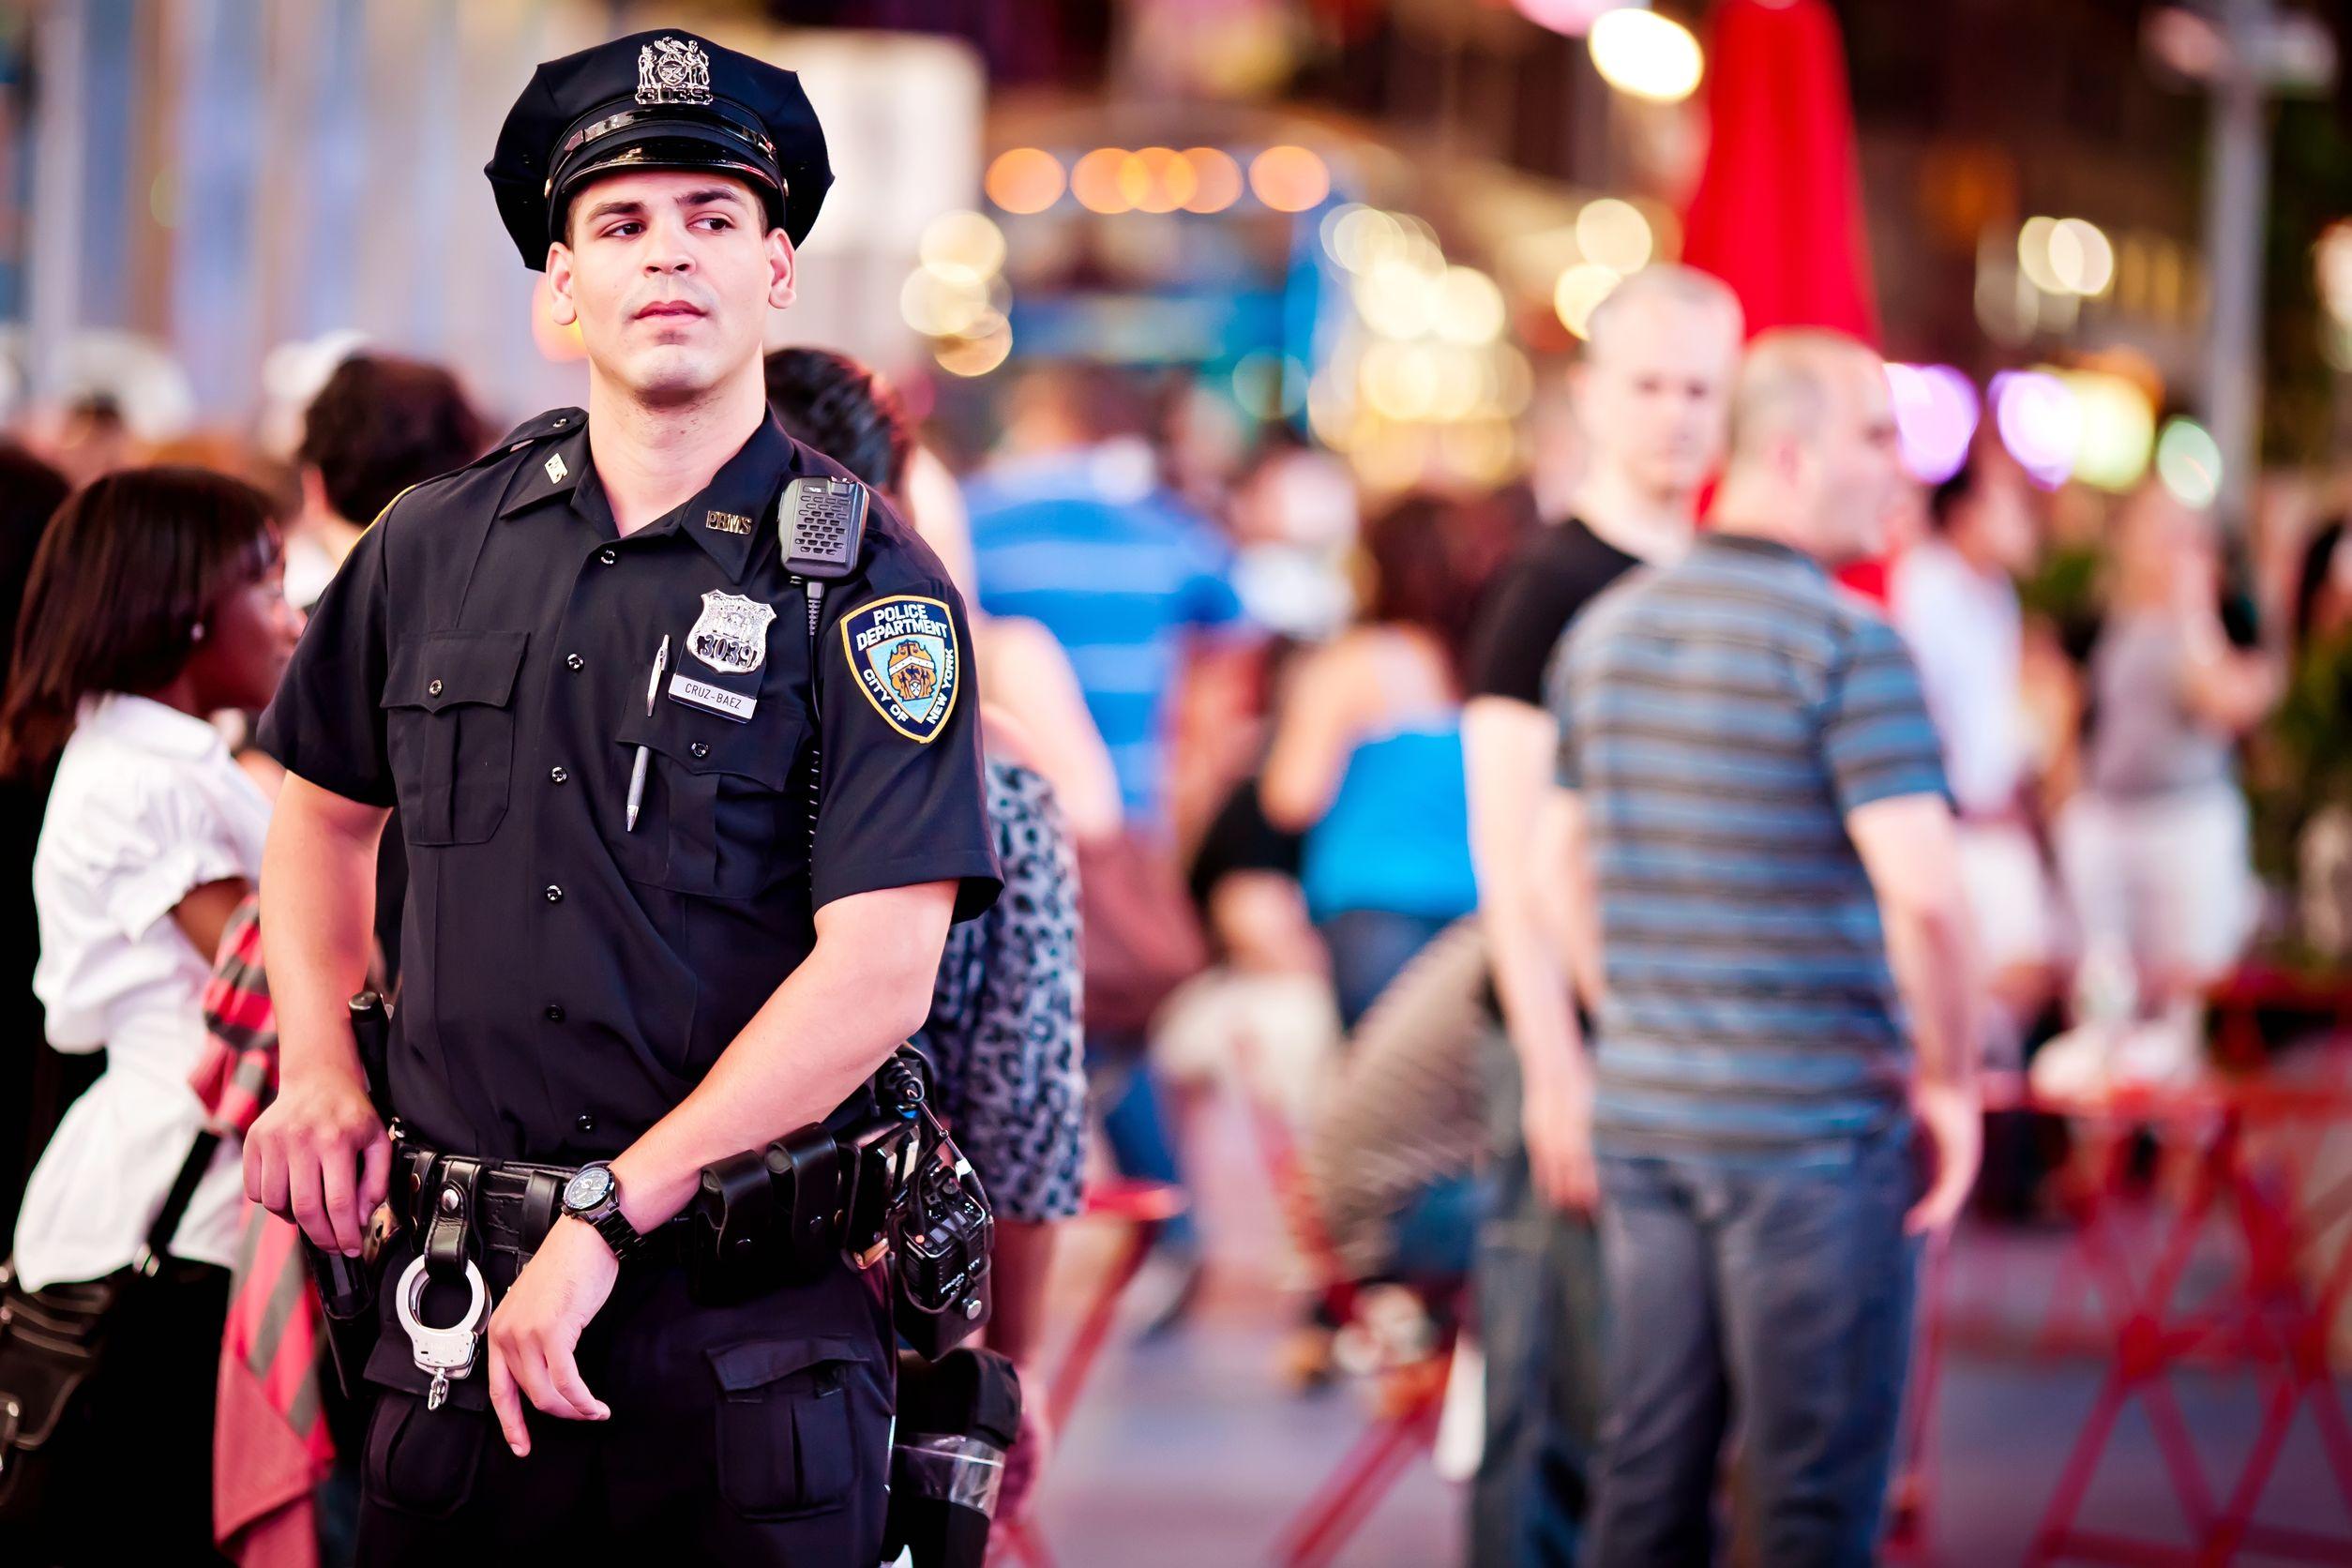 Multa per mancata presentazione del conducente agli uffici di polizia